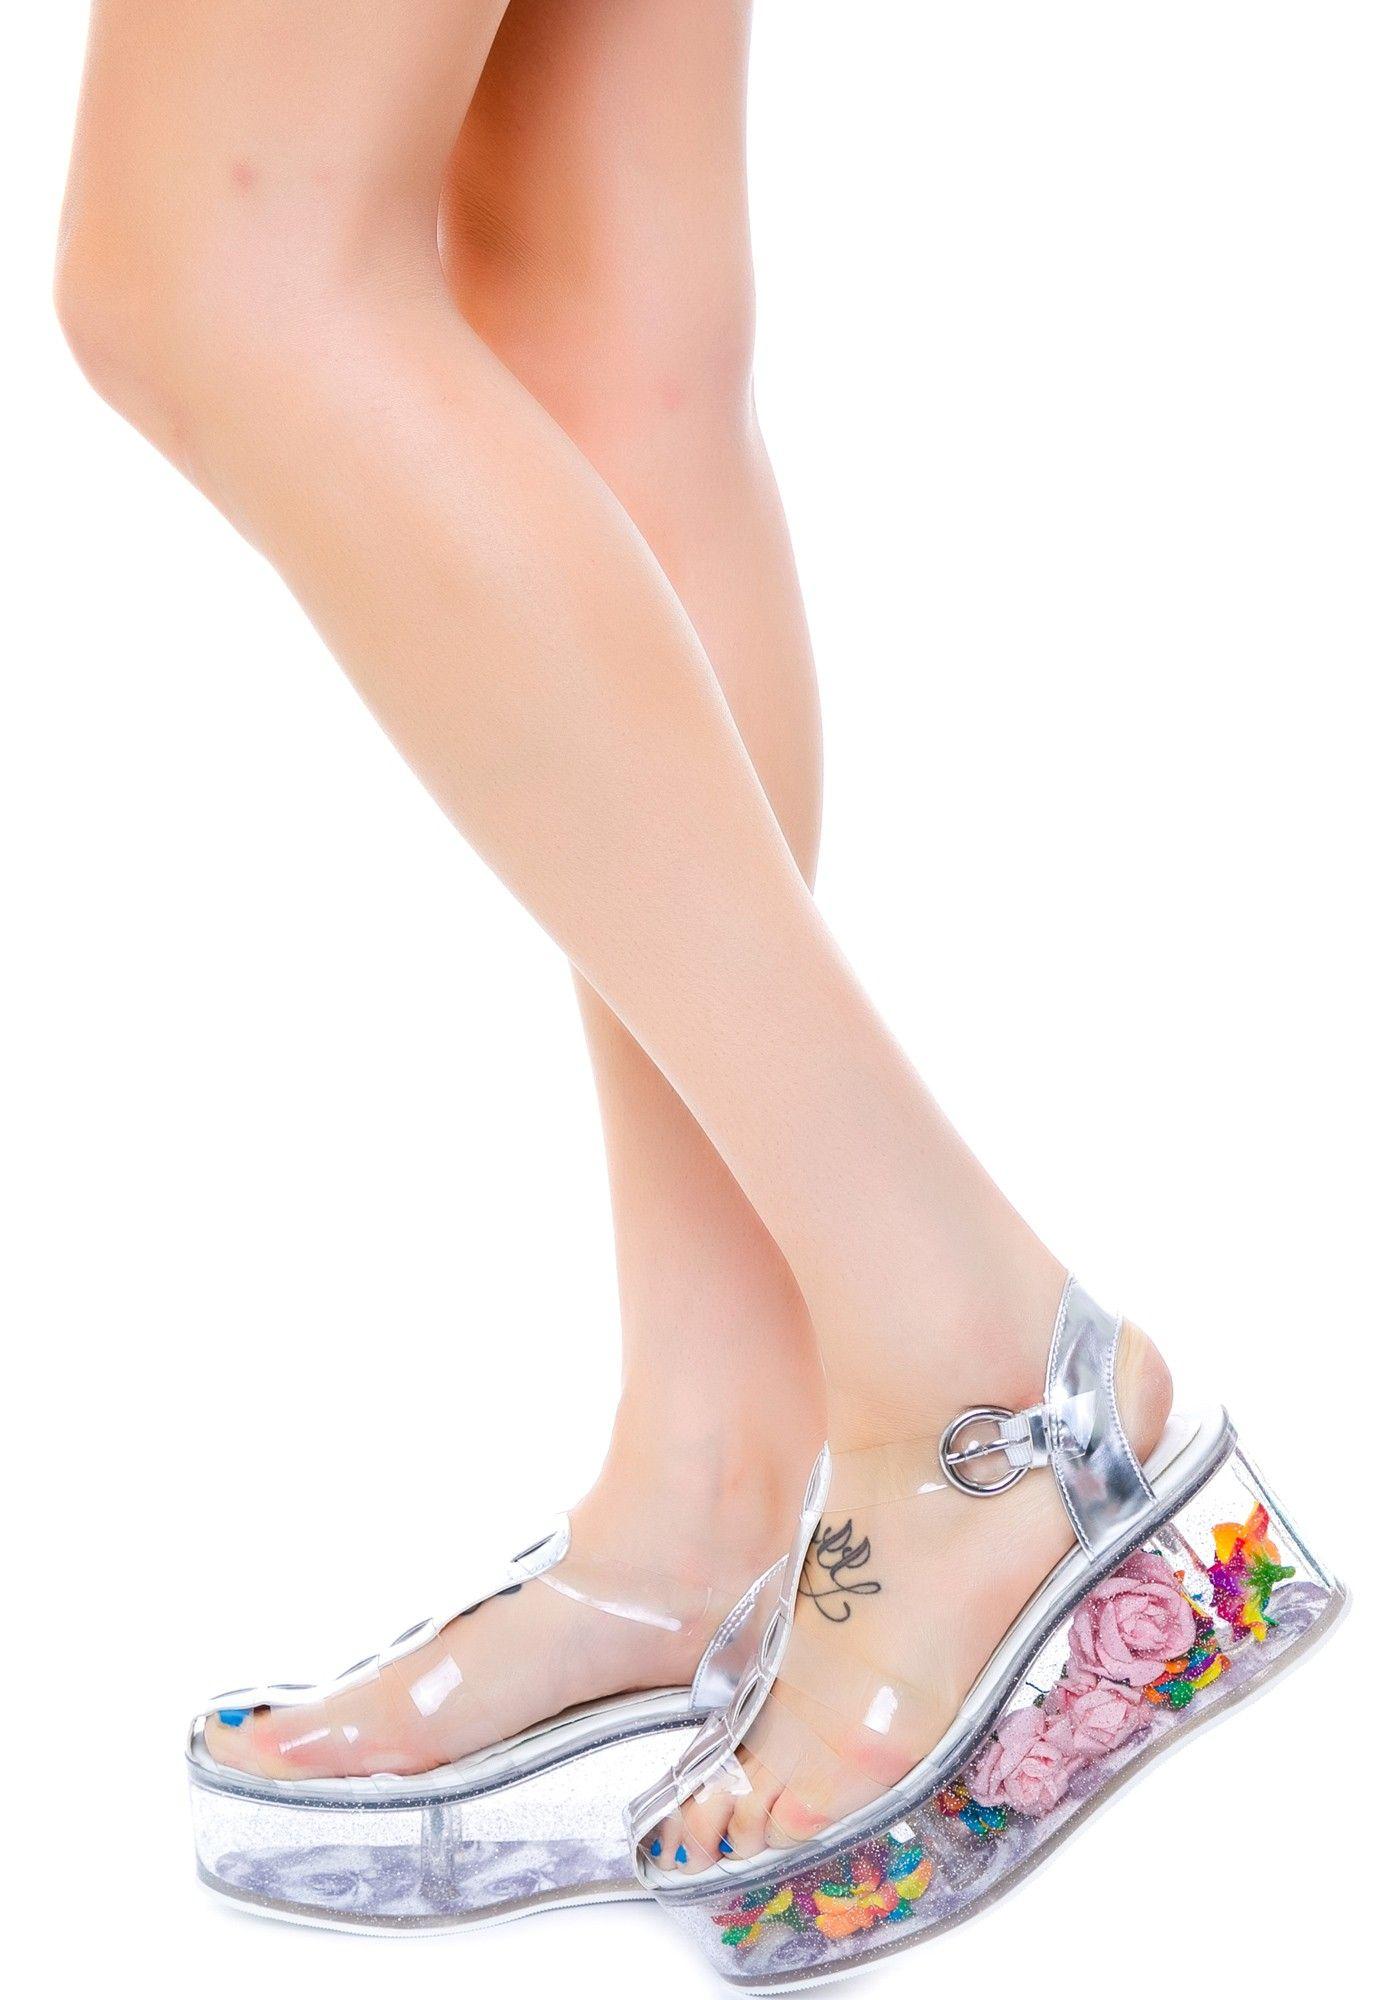 d4f102f0f287 YRU Footwear  lifestyle  fashion  shoes  footwear Plastic Shoes